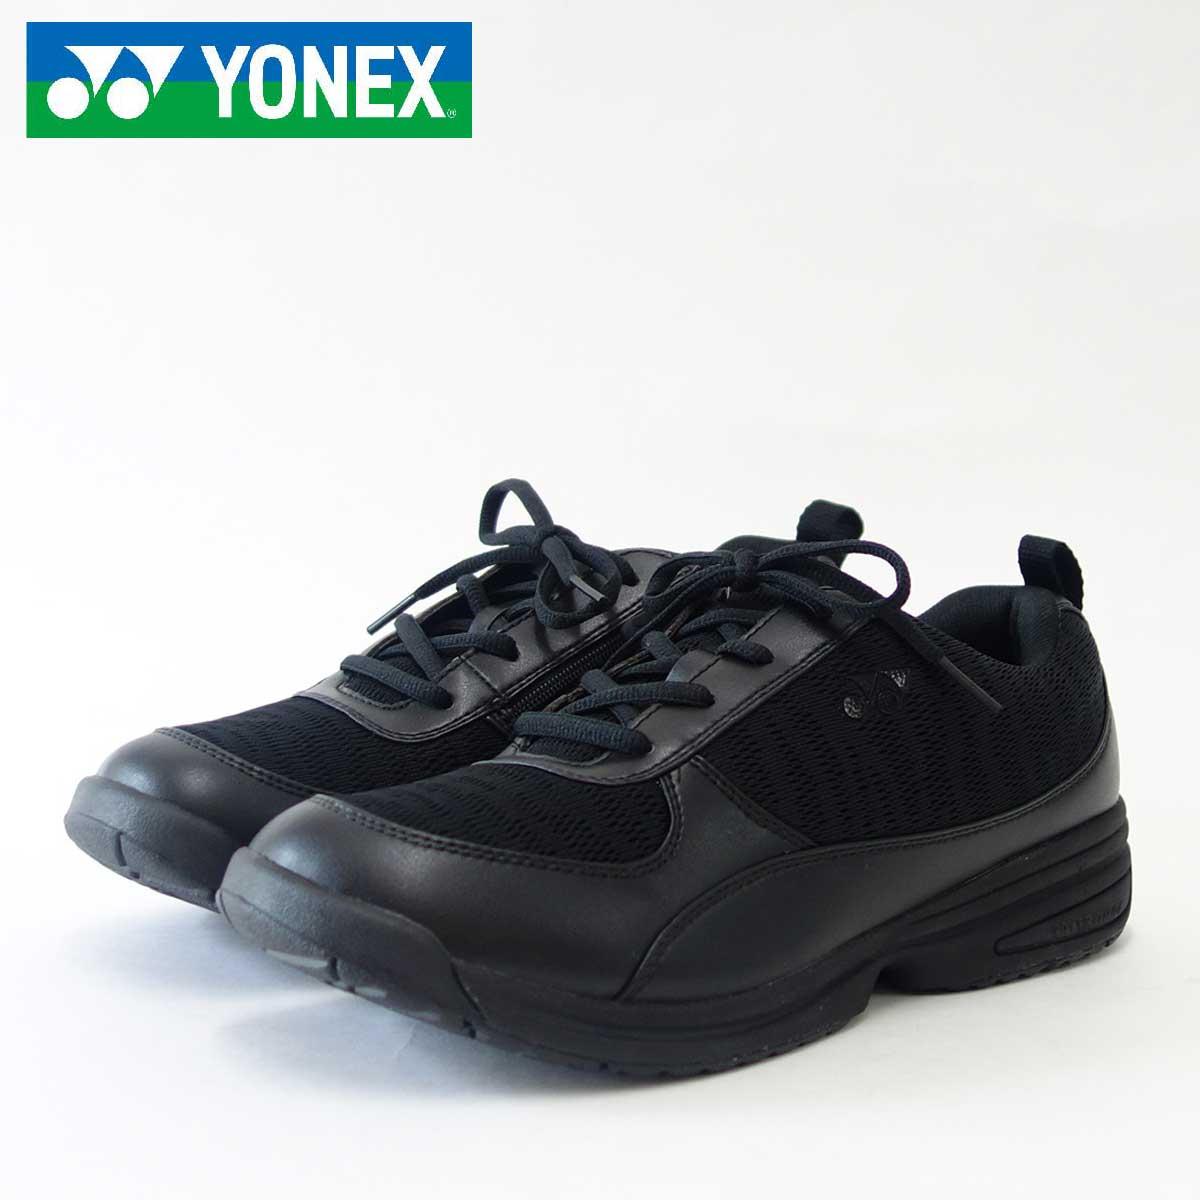 YONEX ヨネックス MC89 ブラック (メンズ)軽い疲れにくいウォーキングシューズ「靴」